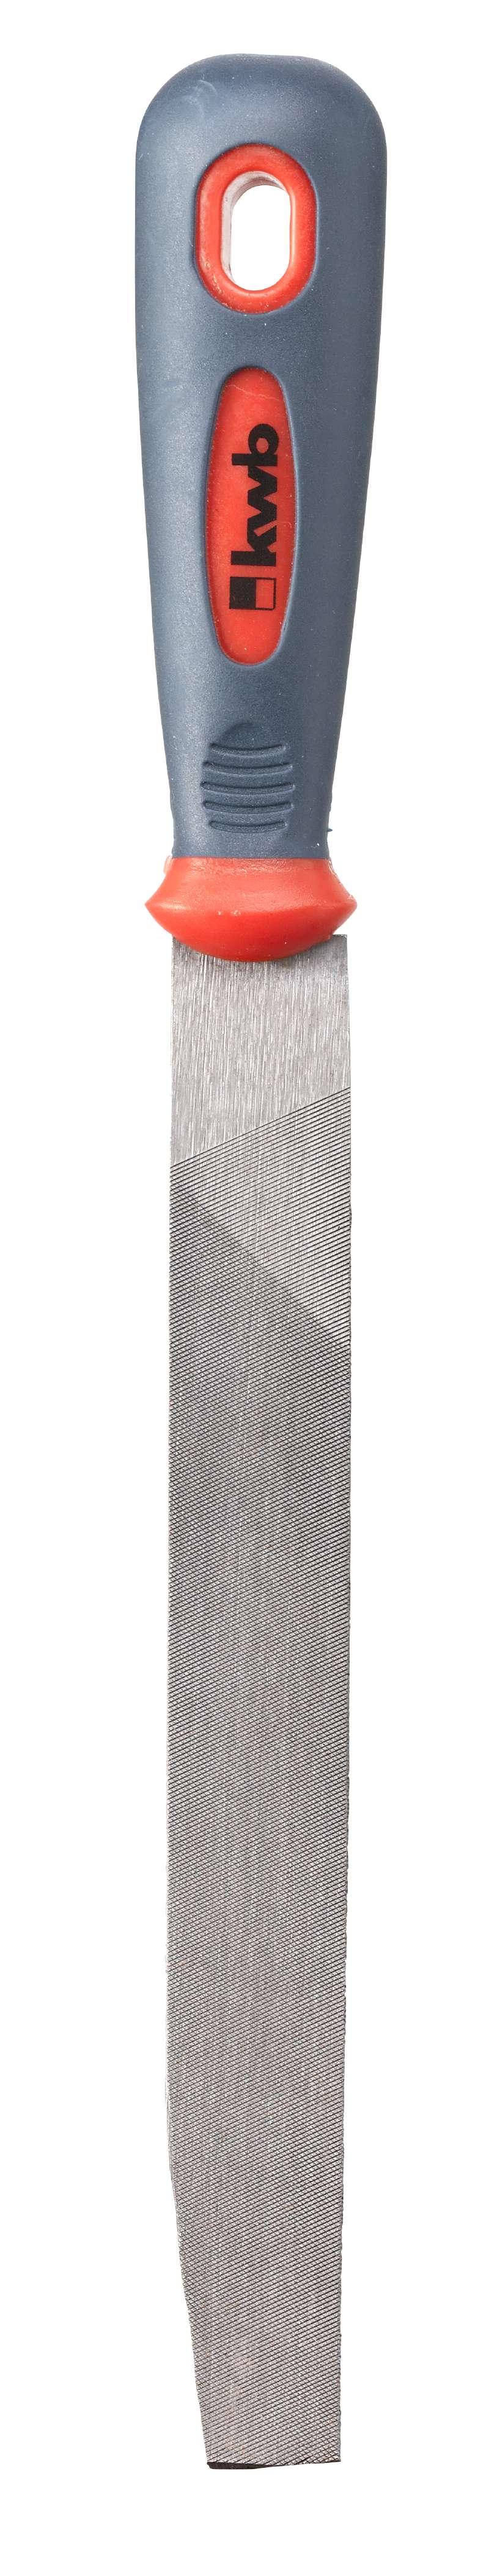 Напильник по металлу Kwb 4803-80 фланец плоский стальной 80 16 гост 12820 80